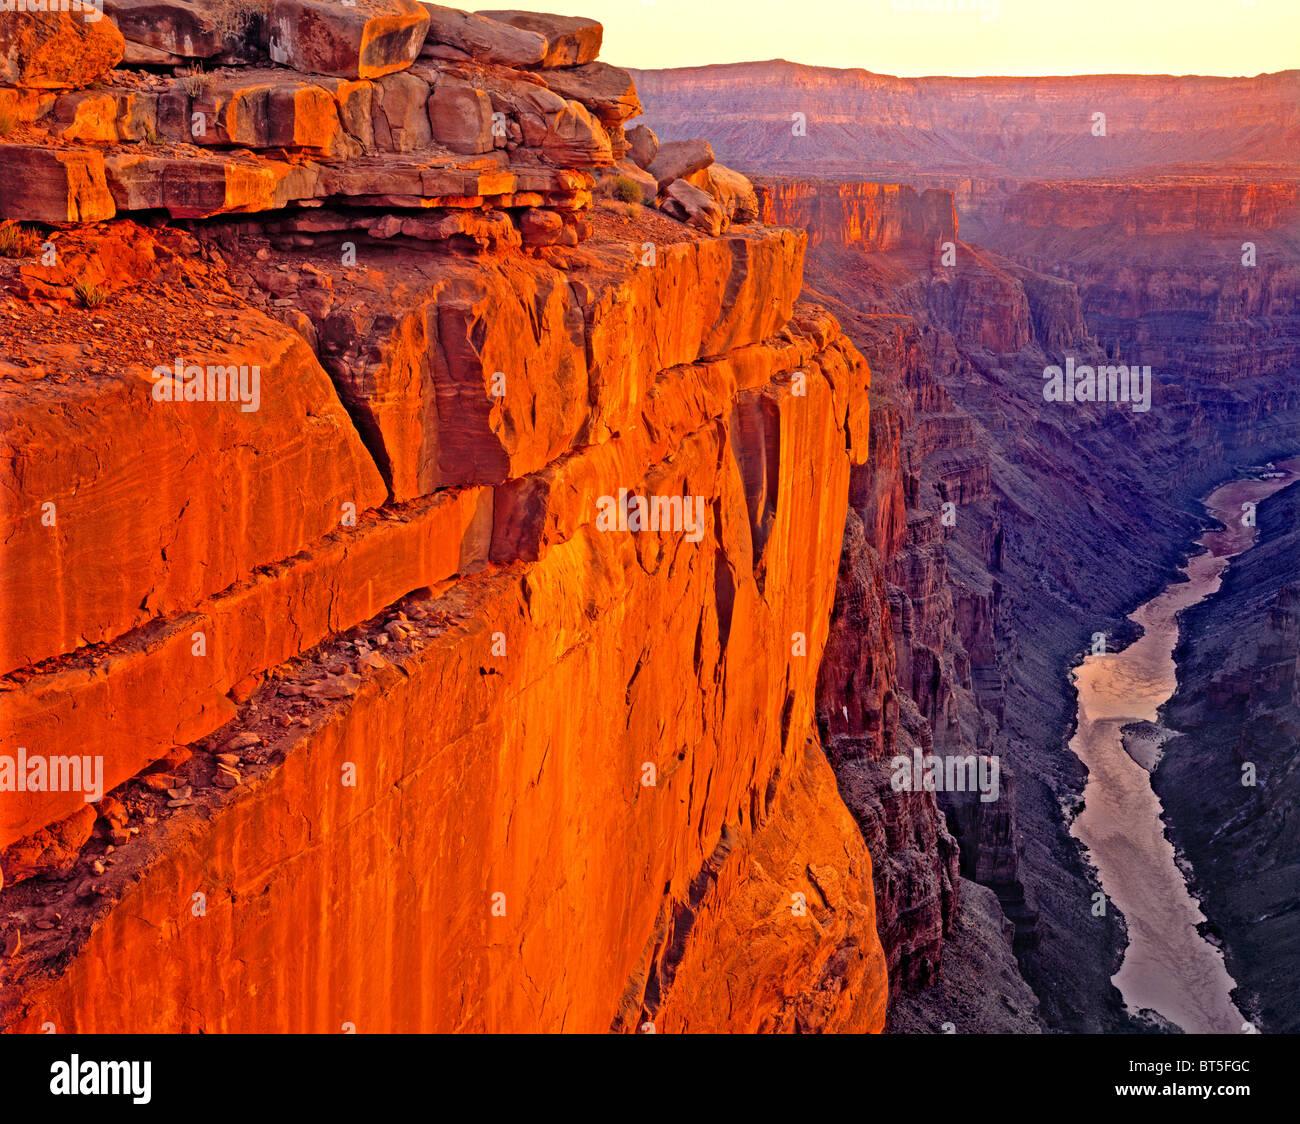 Nascer do sol sobre o Rio Colorado em Toroweep, Grand Canyon National Park, Arizona Imagens de Stock